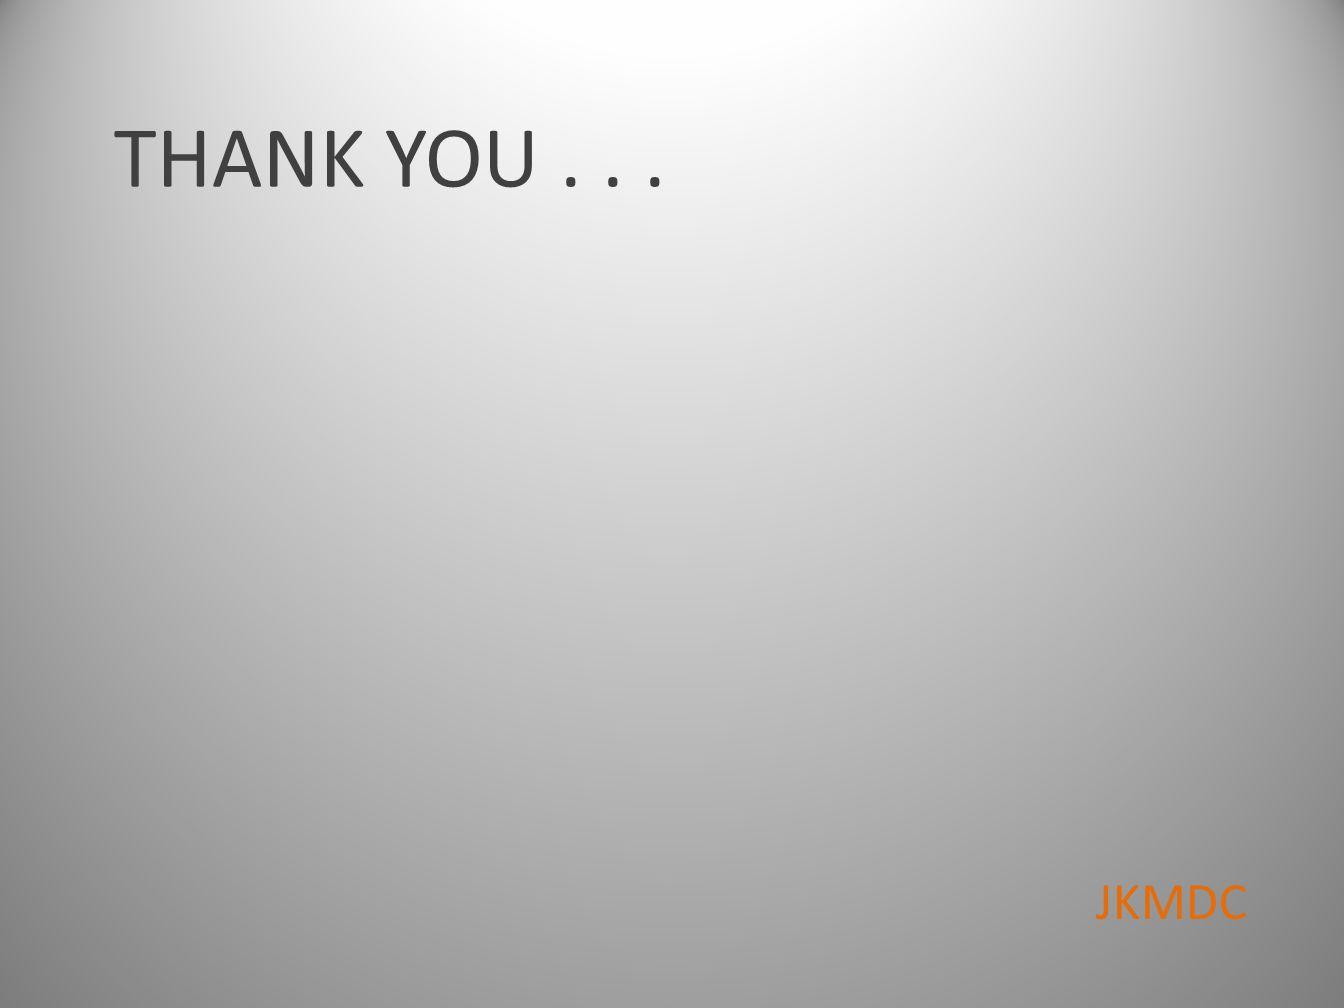 THANK YOU . . . JKMDC